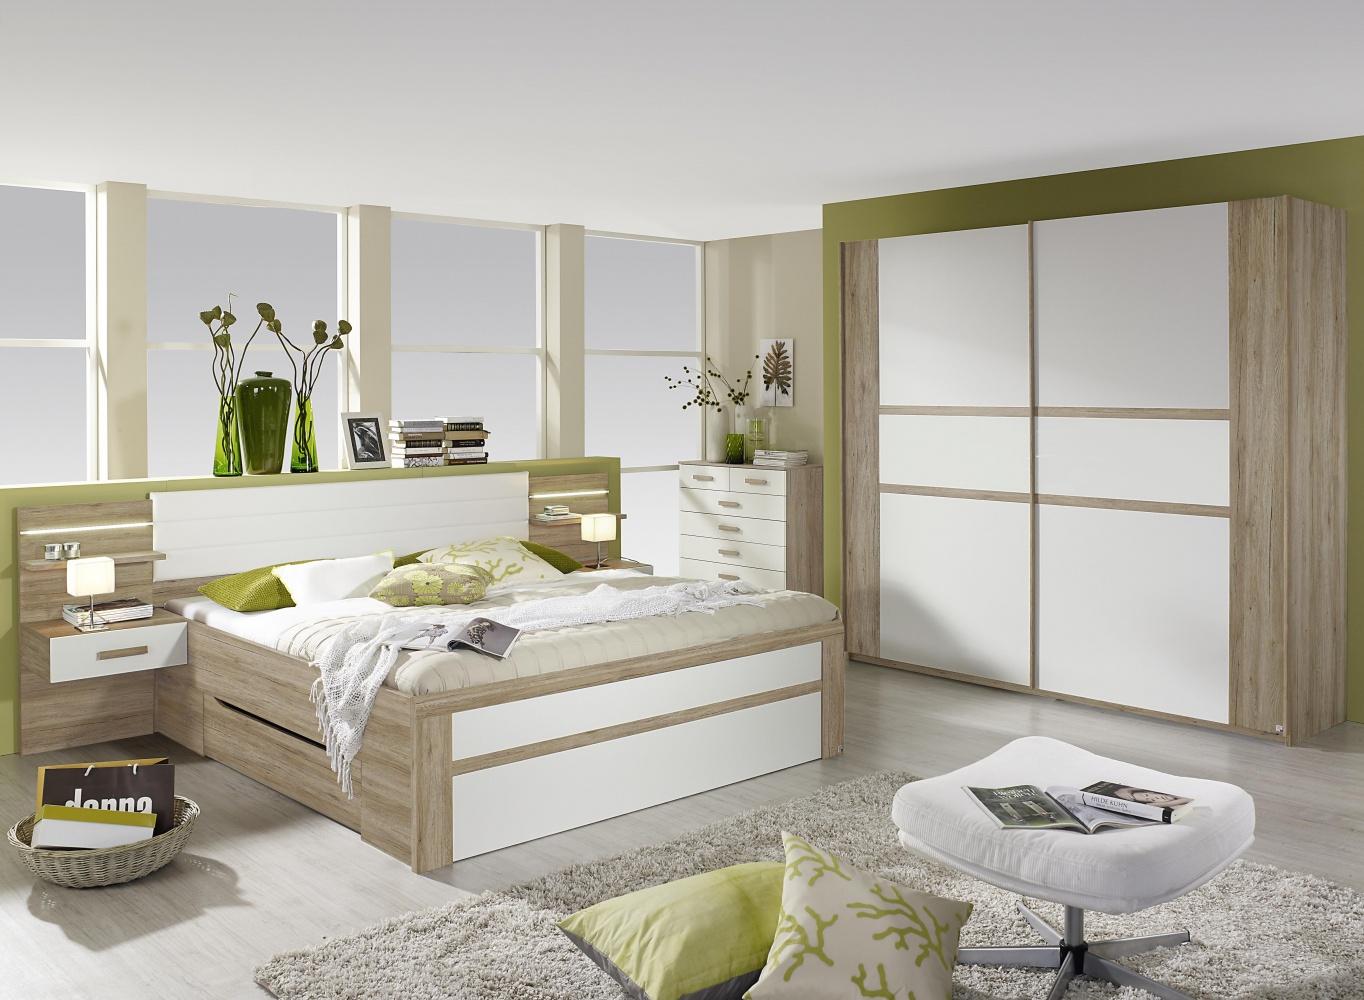 Schlafzimmer Set Bernau Mit Schwebeturenschrank Kaufen Bei Mobel Lux